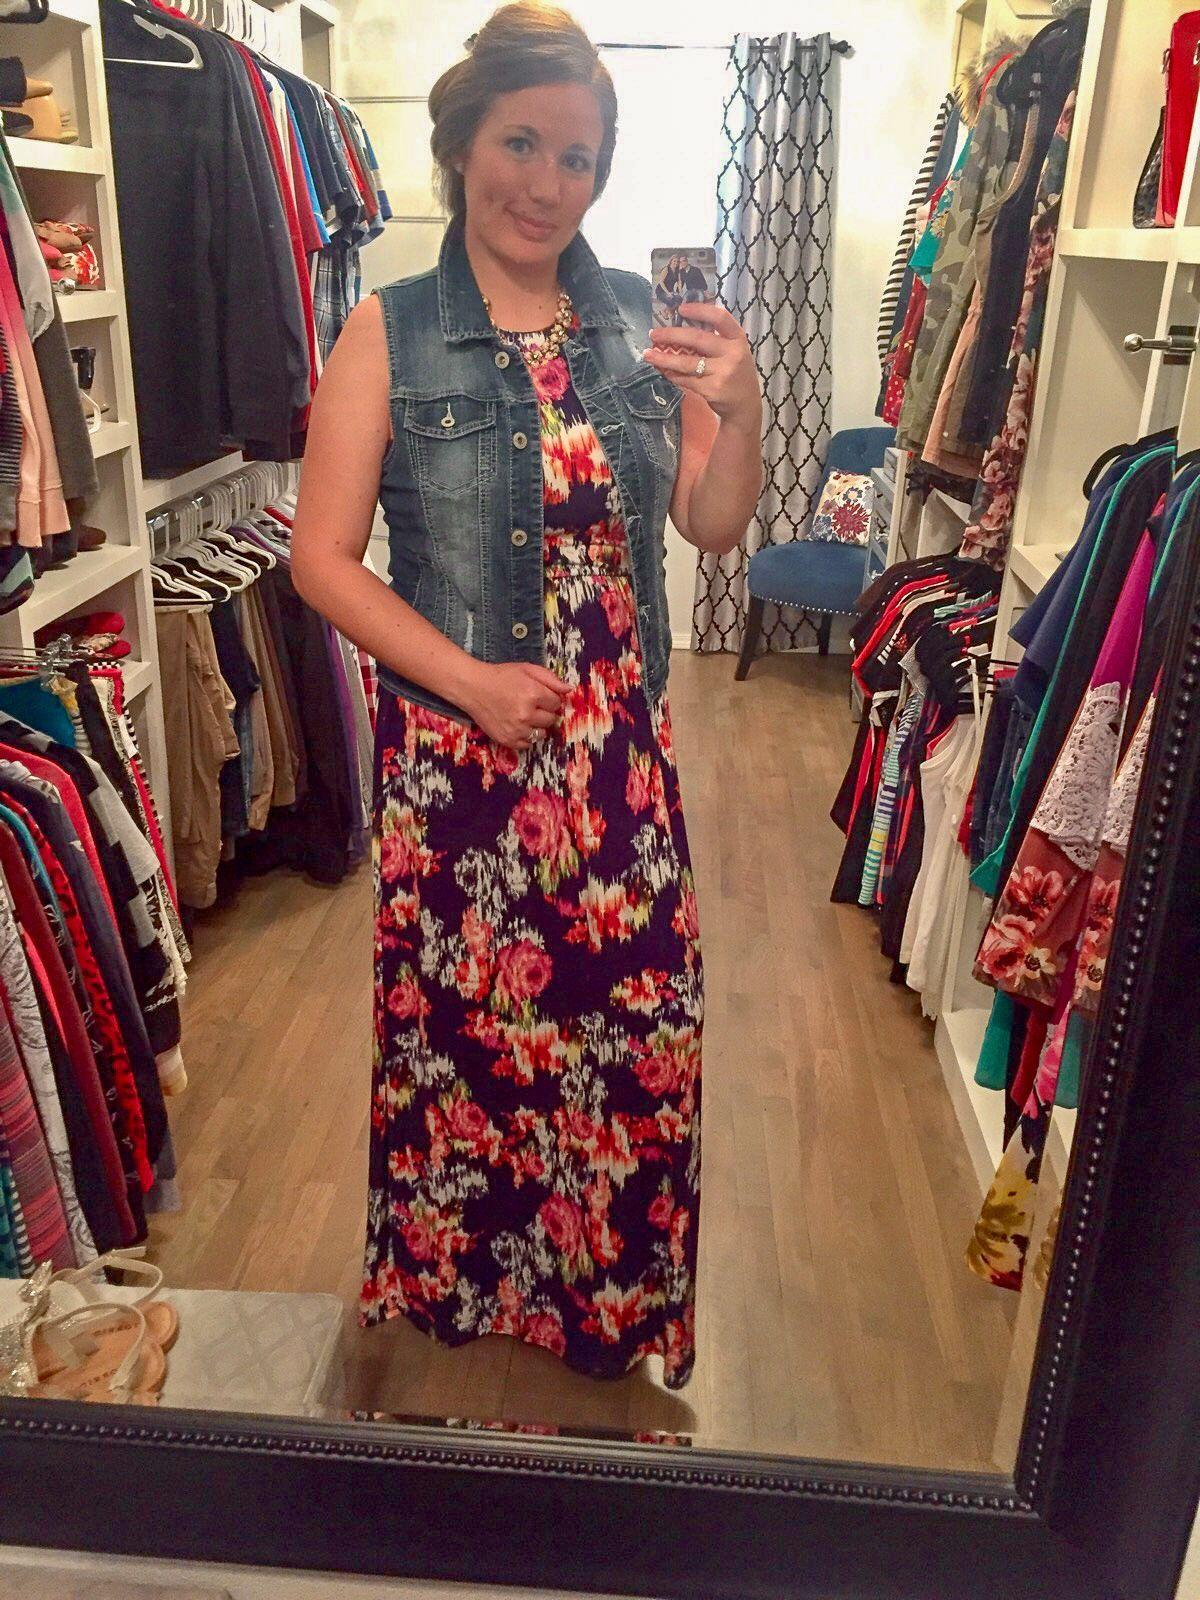 c90bf3332f1 Loveappella - Tiah Knit Maxi Dress - Stitch Fix Summer 2018 - Floral Maxi  Dress